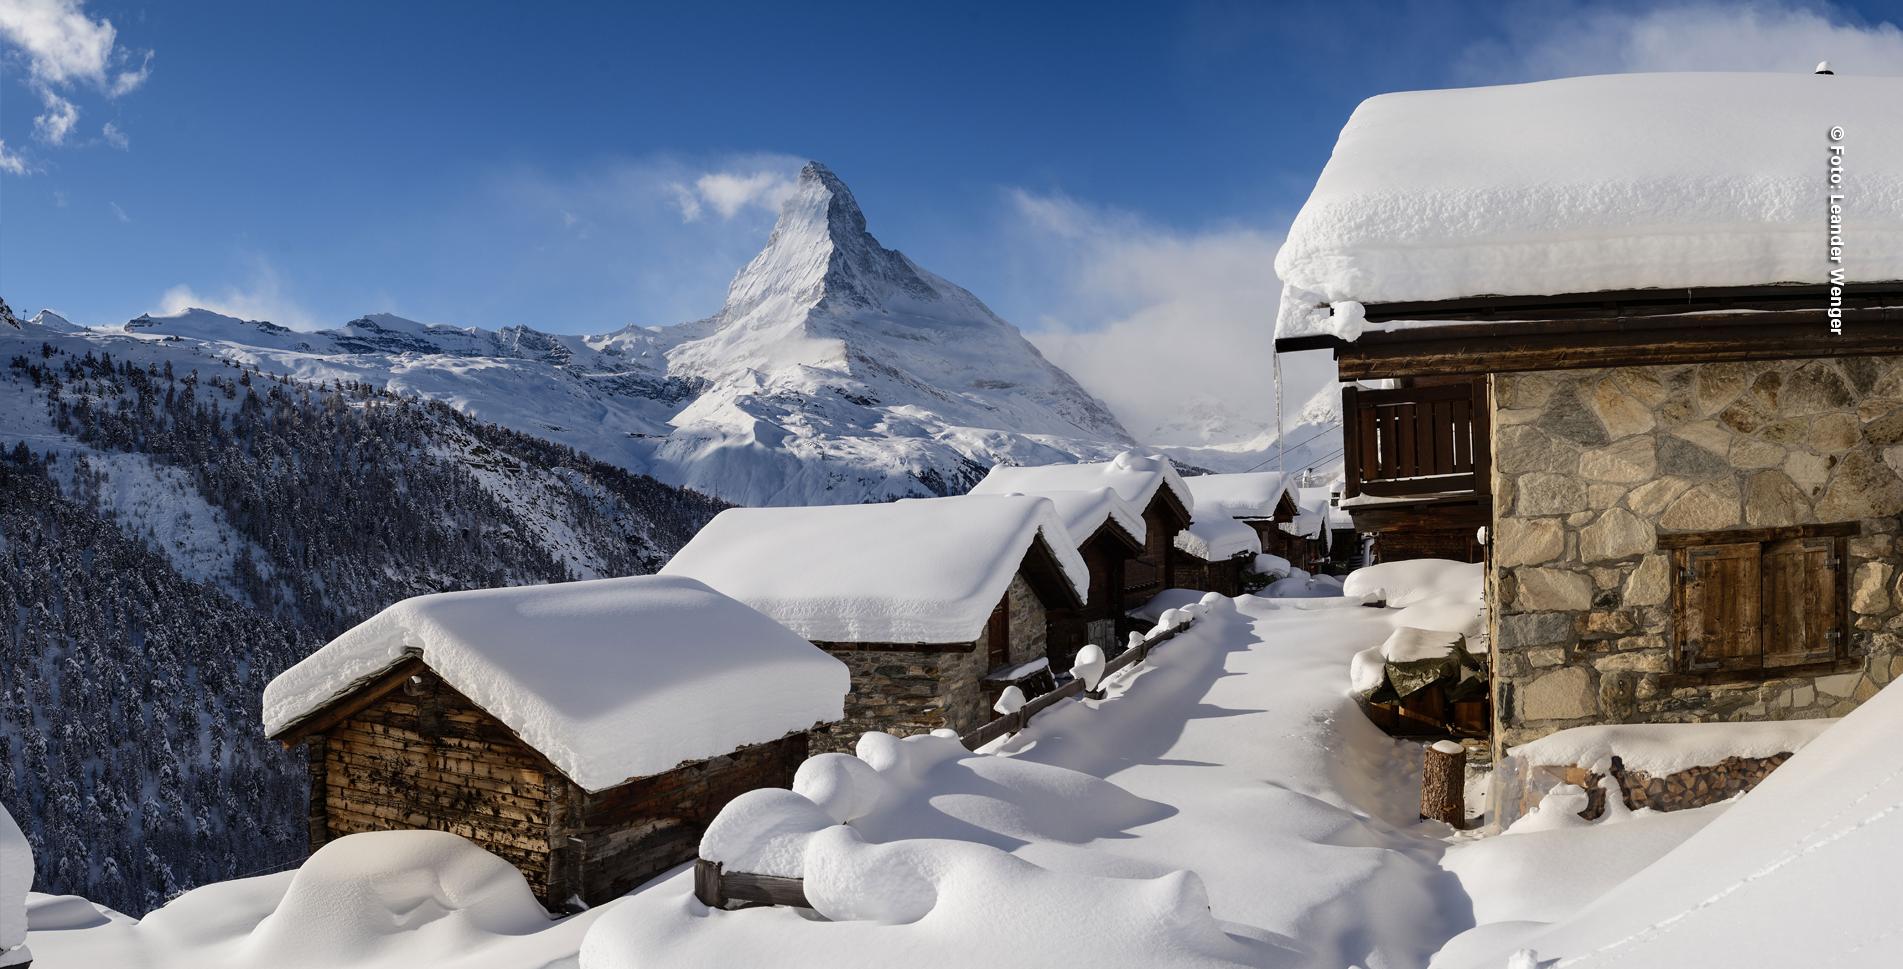 Winterwanderung von Zermatt via Findeln (Chez Vrony) auf die Sunnegga mit herrlicher Aussicht auf das Matterhorn